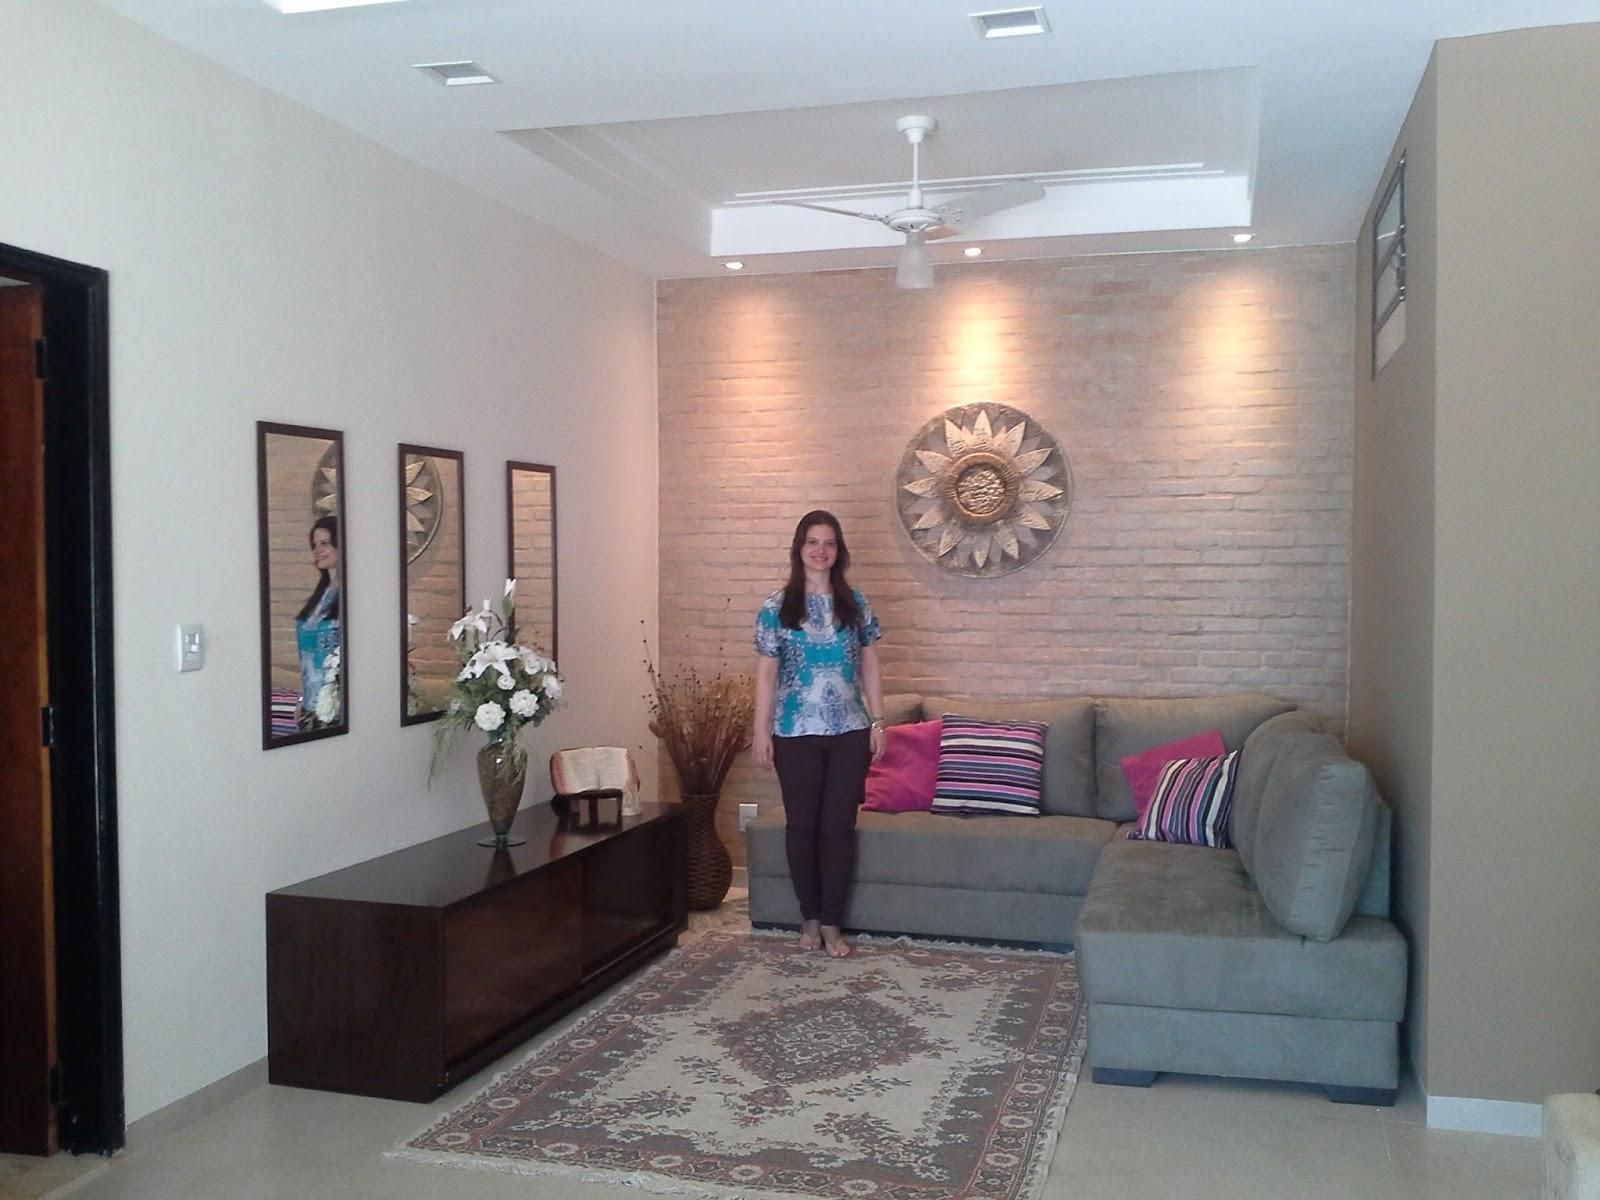 Design de Interiores por Érica Marina Ribeirão Preto: Sala  #925439 1600 1200